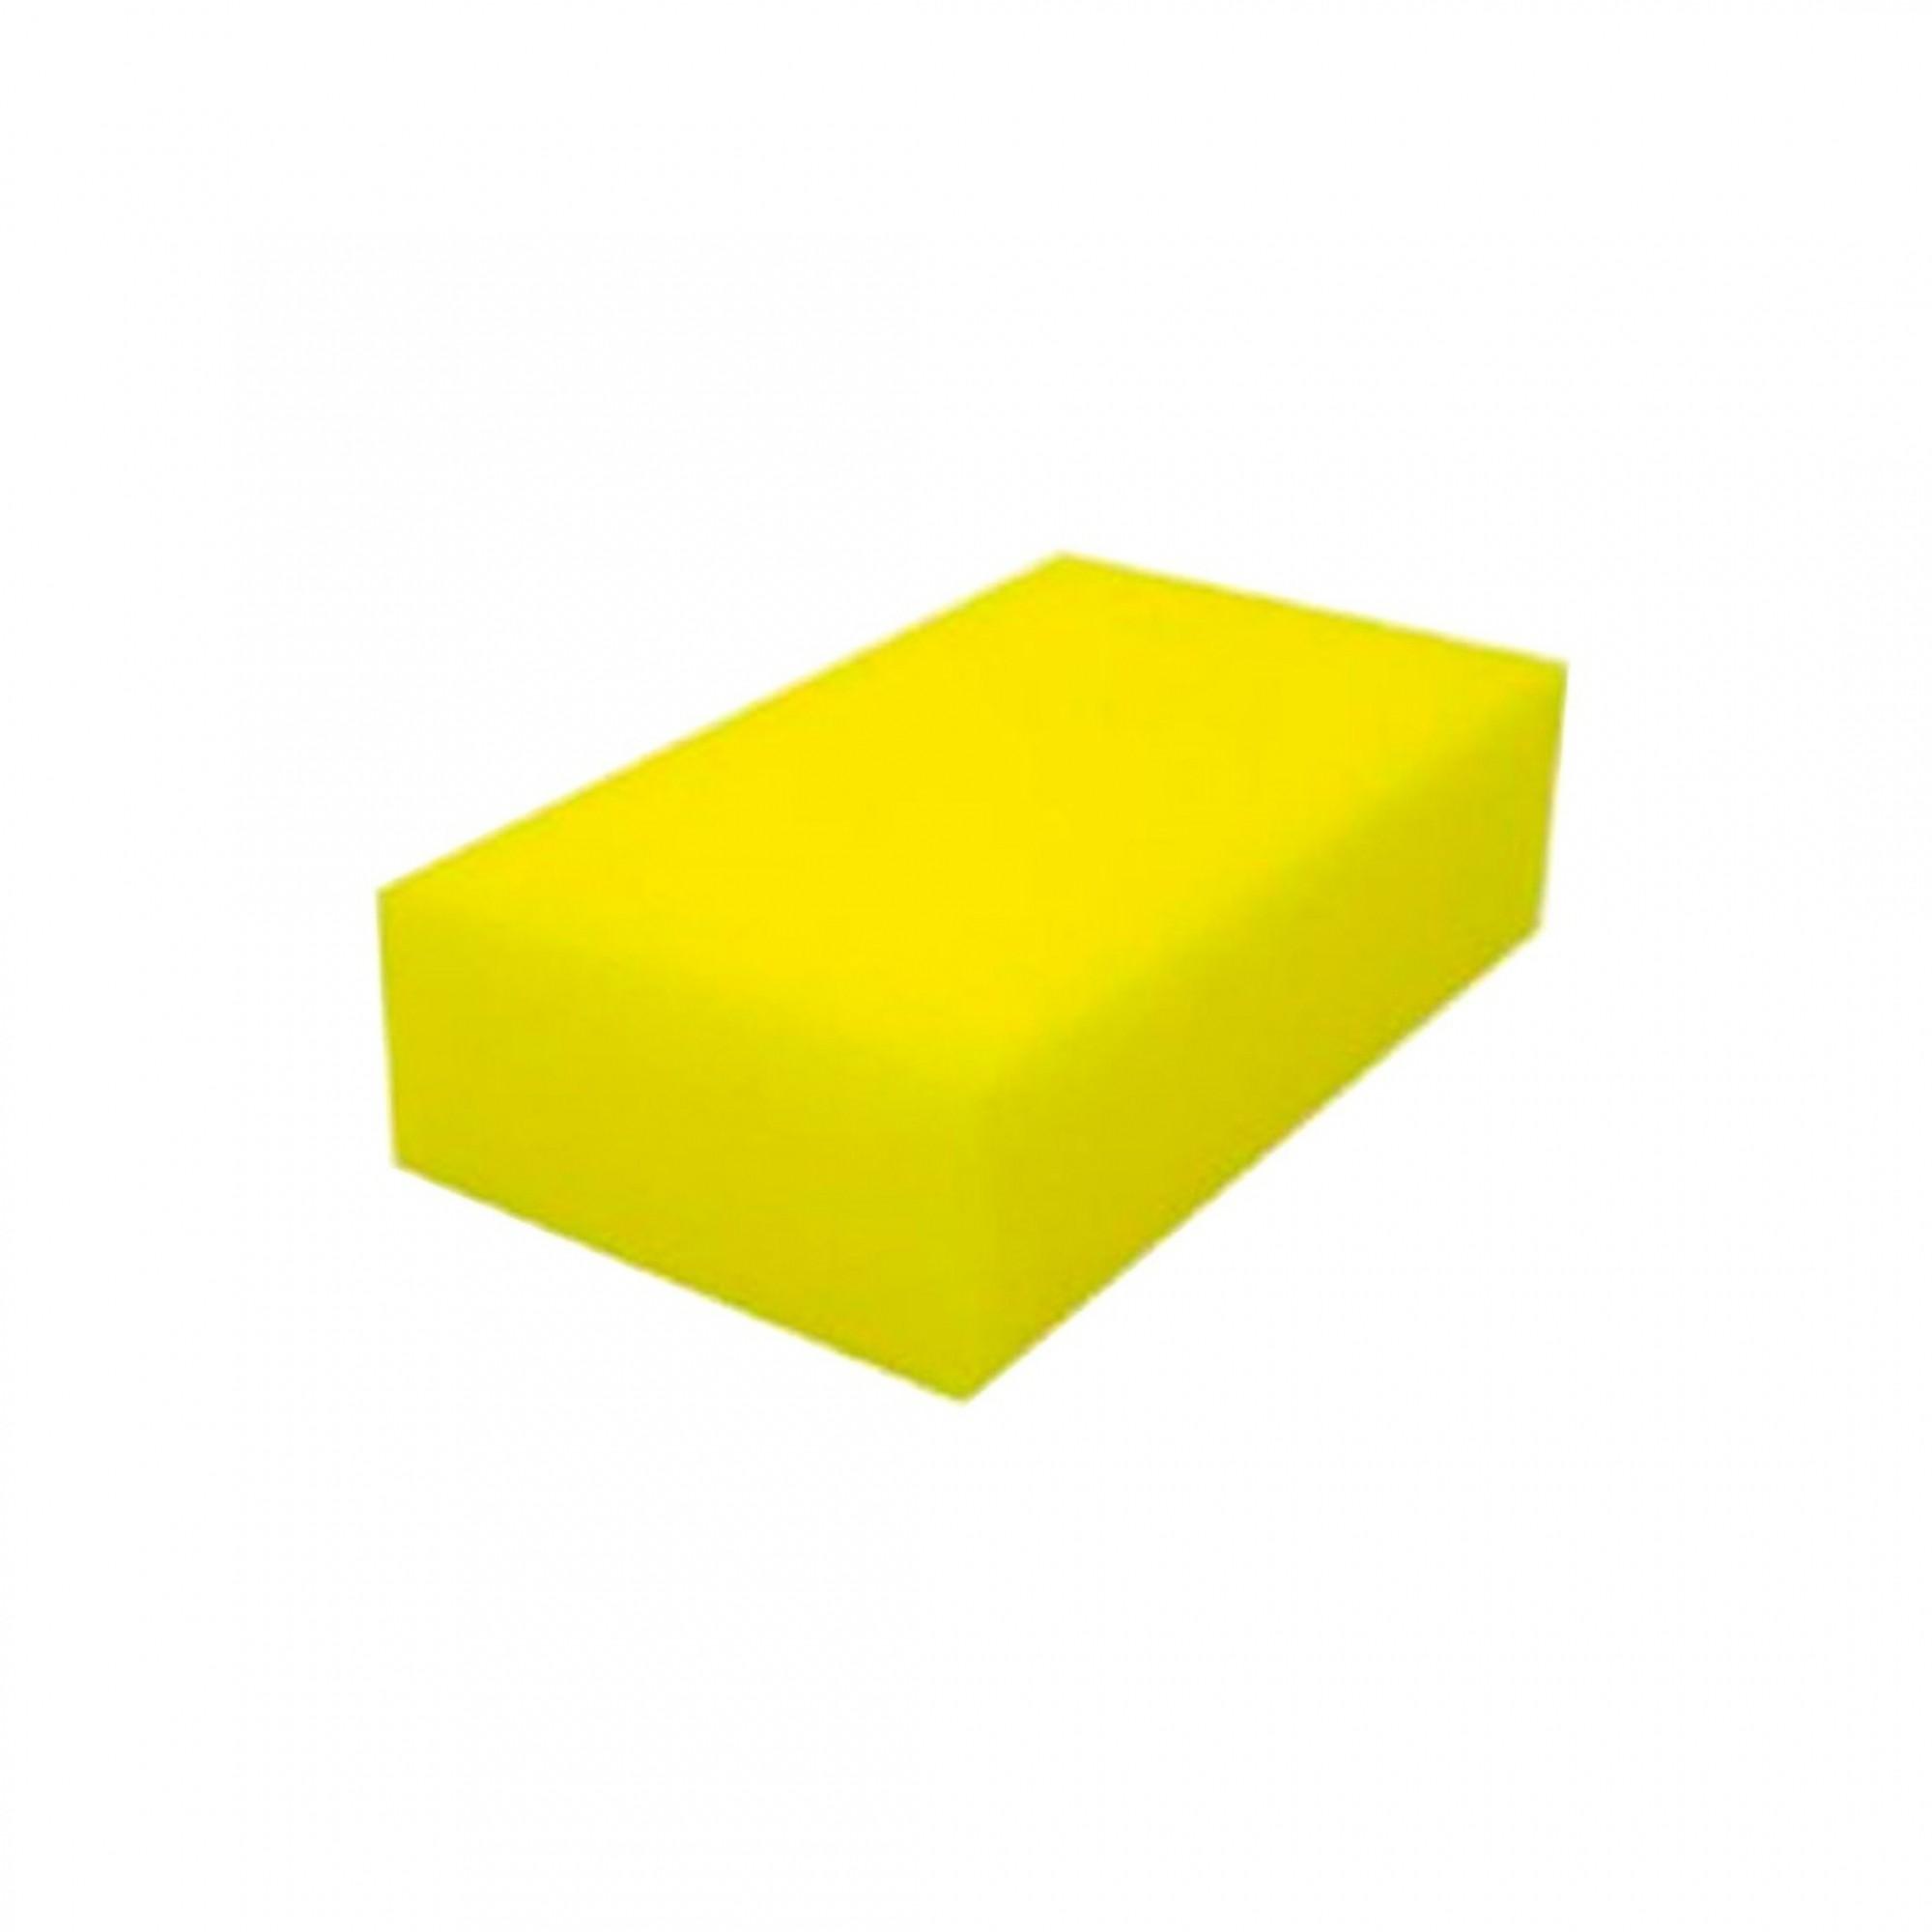 Bloco Espuma Amarelo Cortag